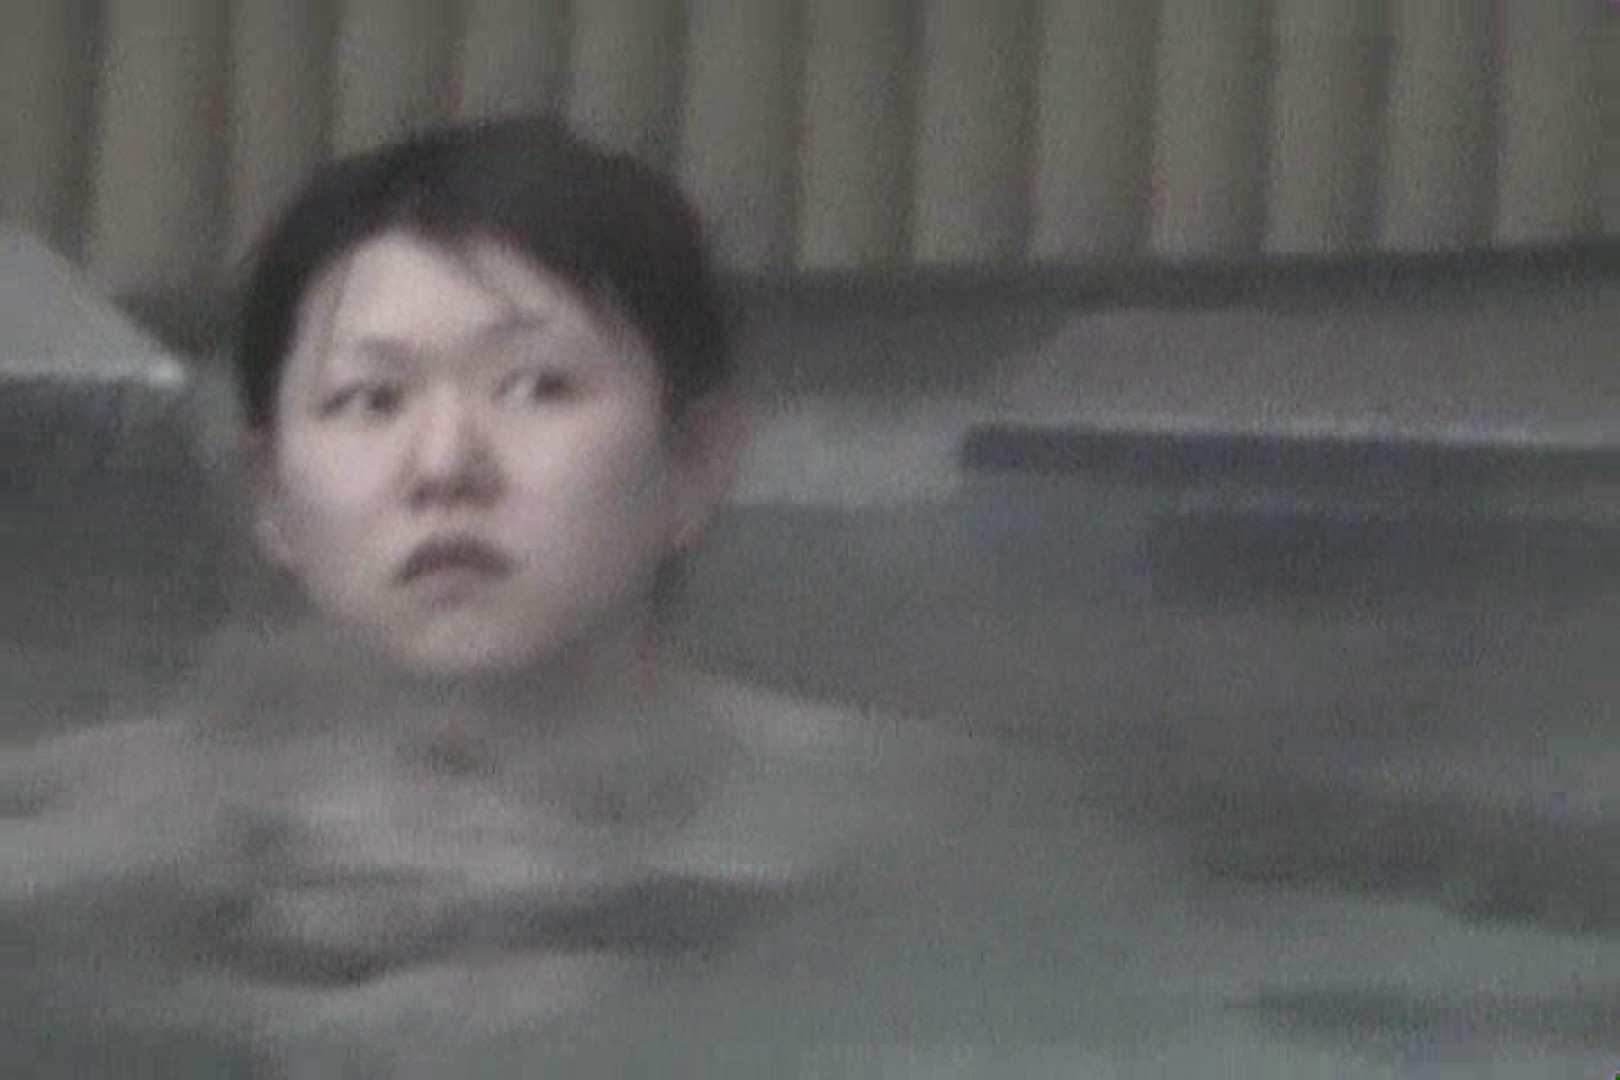 Aquaな露天風呂Vol.555 OLのエロ生活  46連発 21